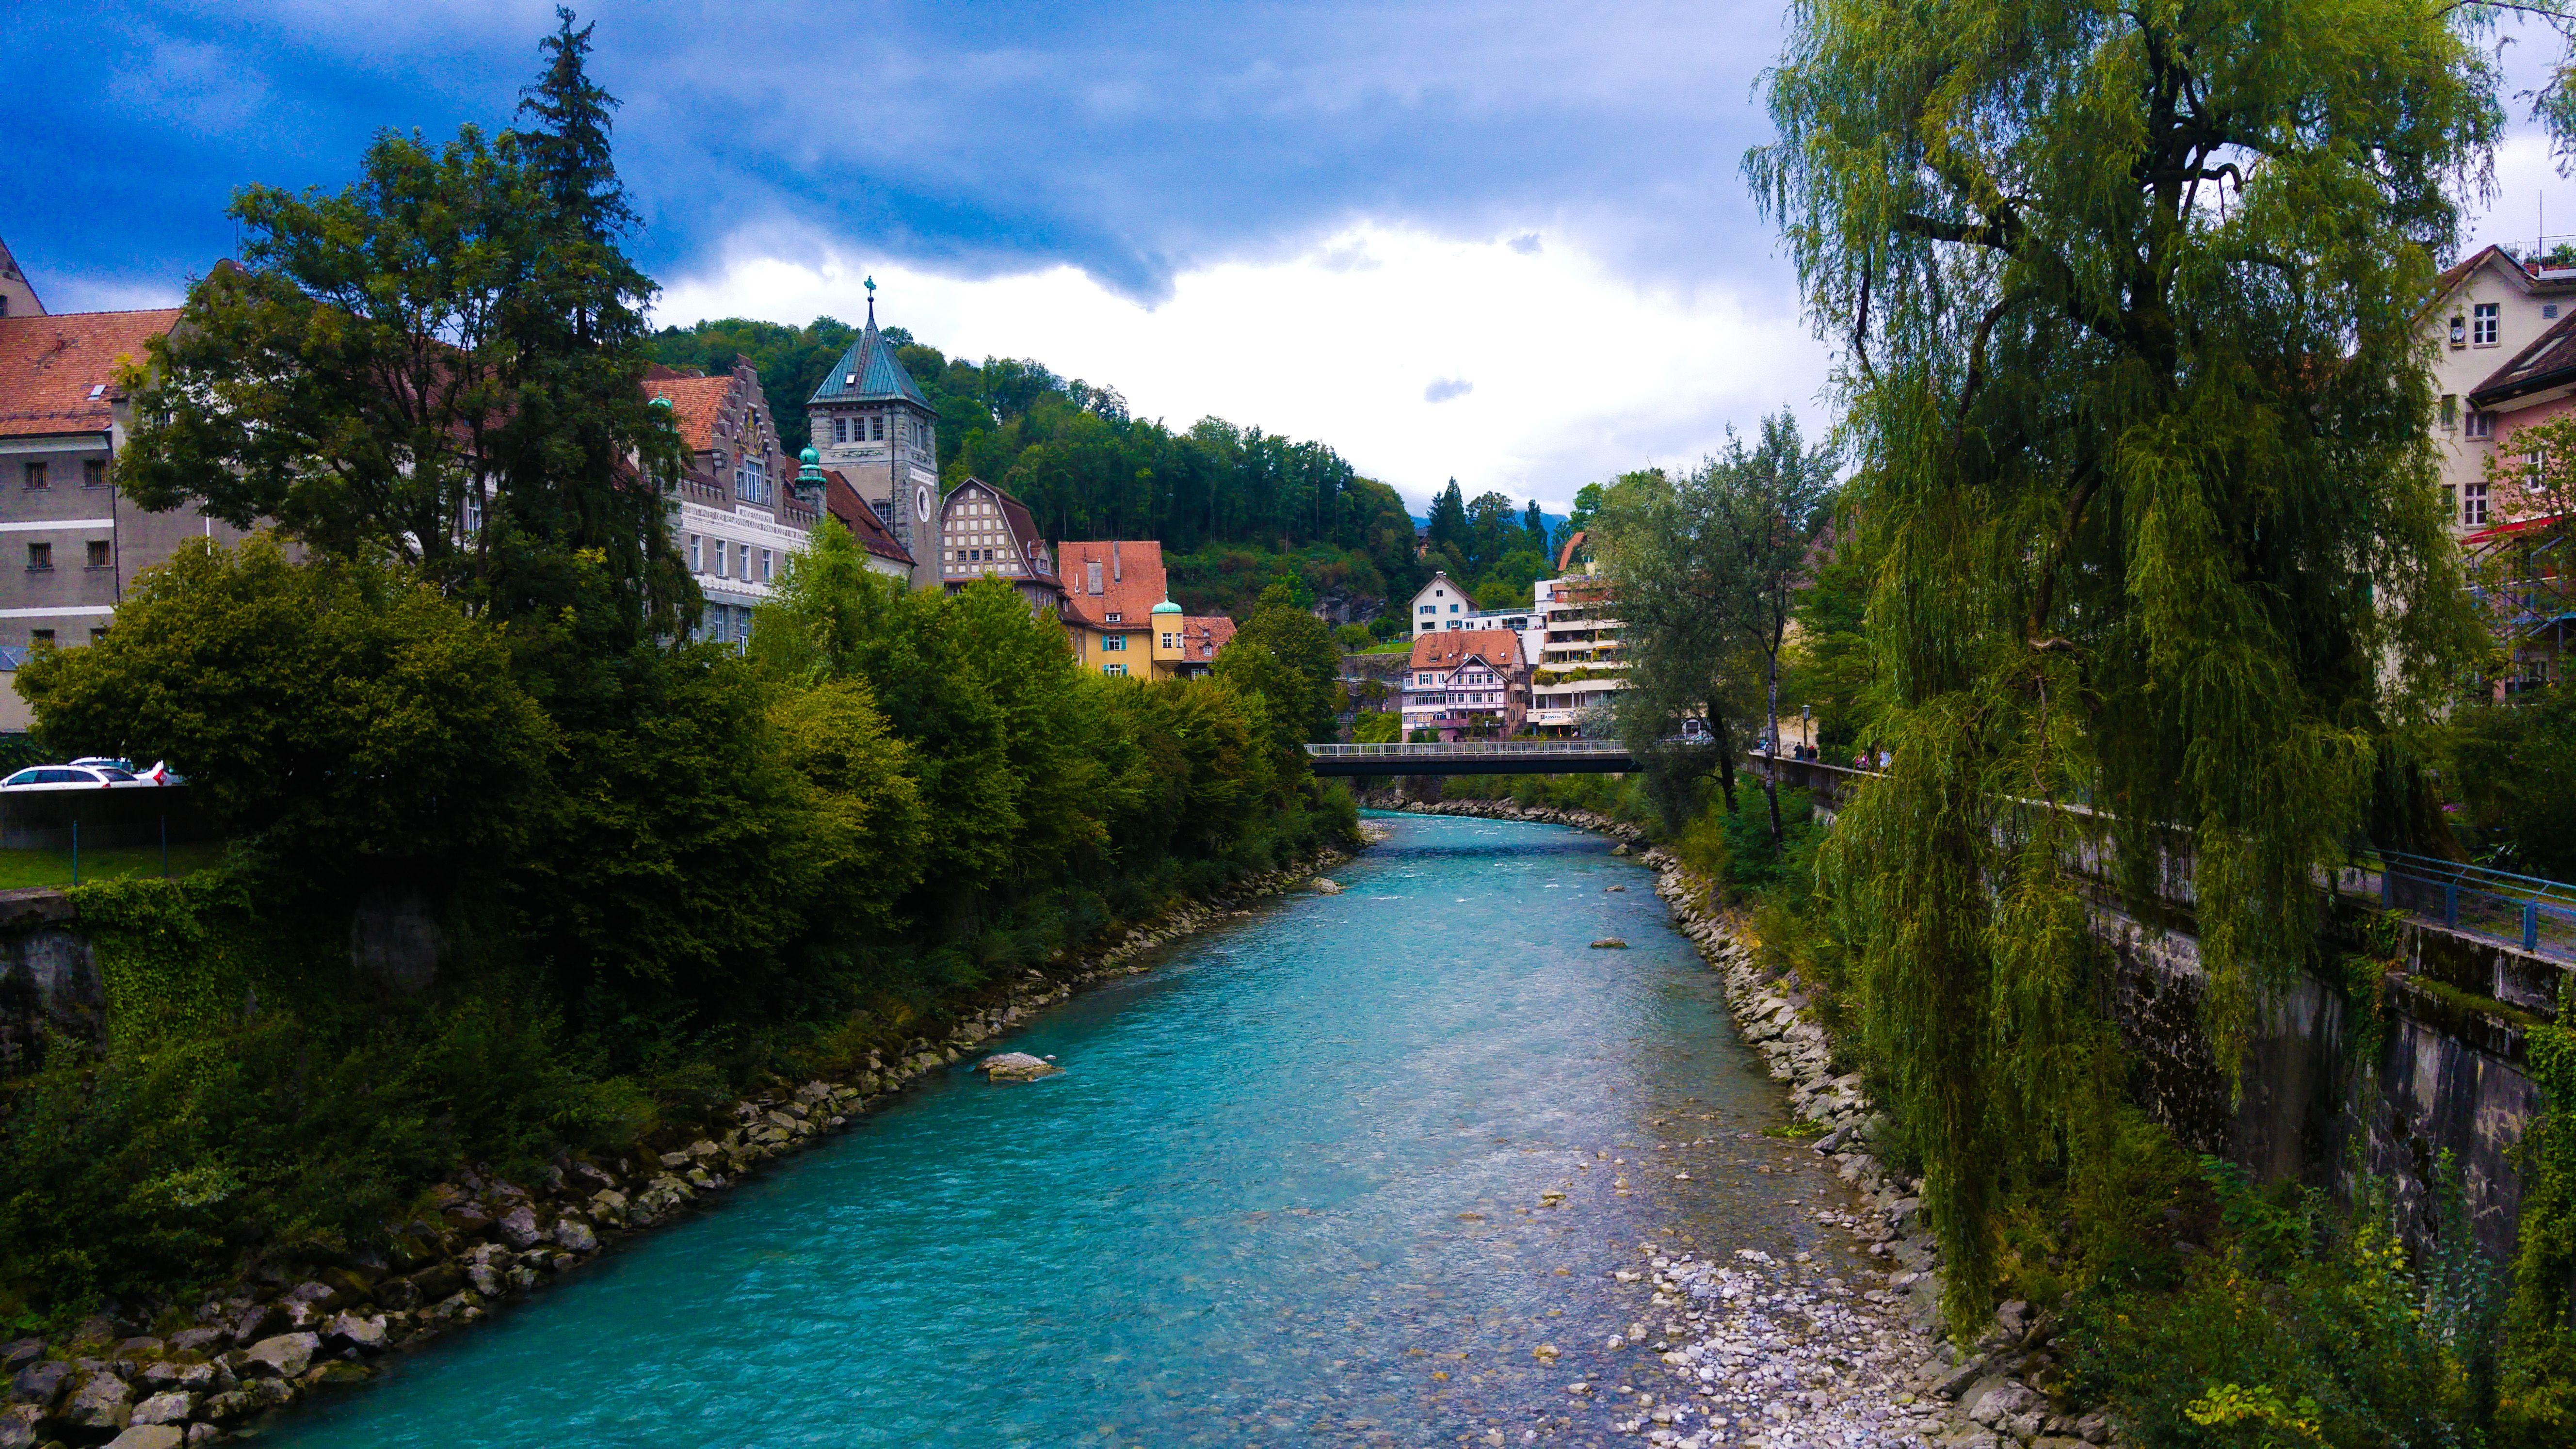 Atravesando el río